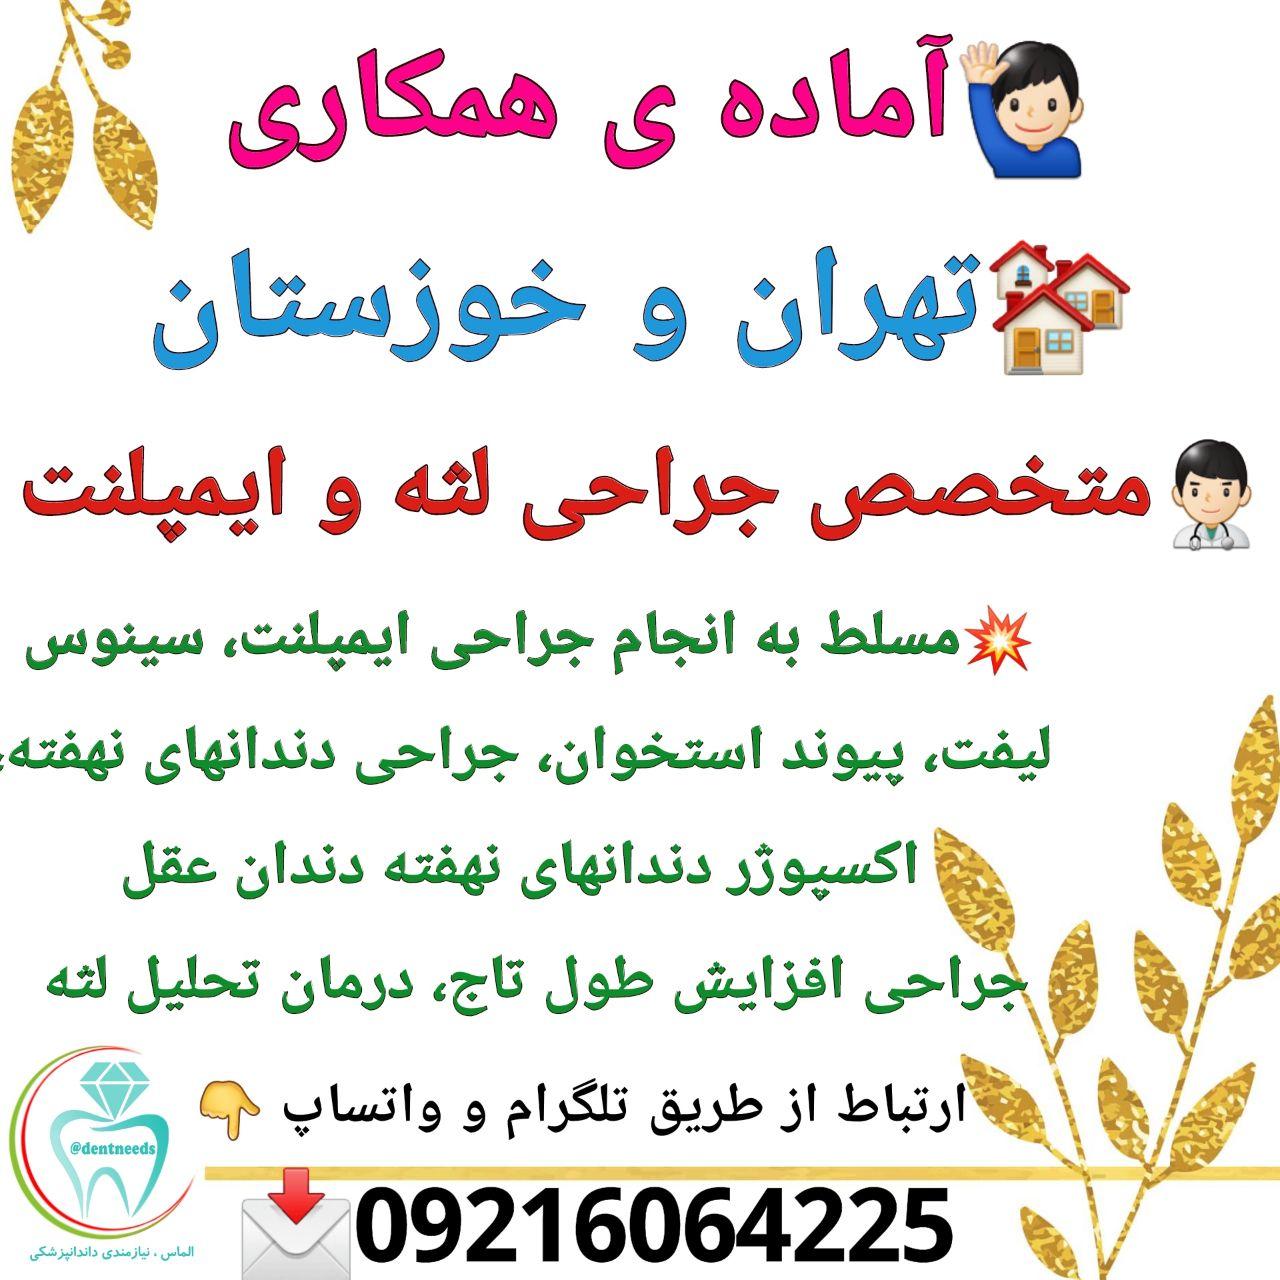 آماده همکاری، تهران و خوزستان، متخصص جراحی لثه و ایمپلنت